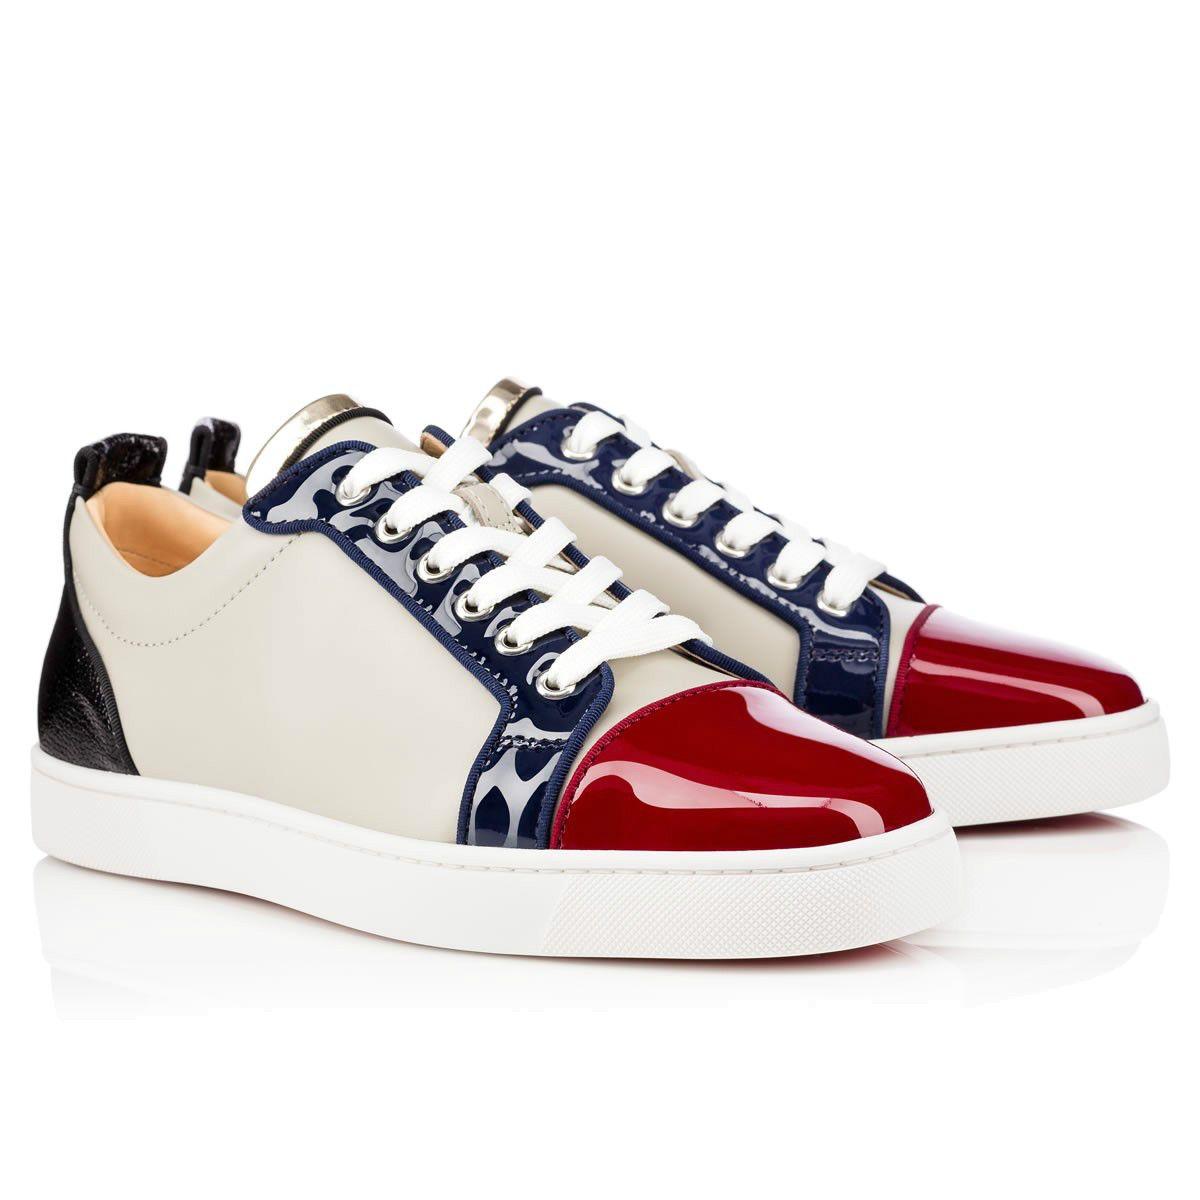 online store 1d6d6 358c4 Großhandelspreis Rote Sohle Low Top Sneakers Schuhe Junior Weiß Schwarz  Echtes Leder Frauen Männer Rote Untere Schuhe Mode Lässig Schuhe 3A